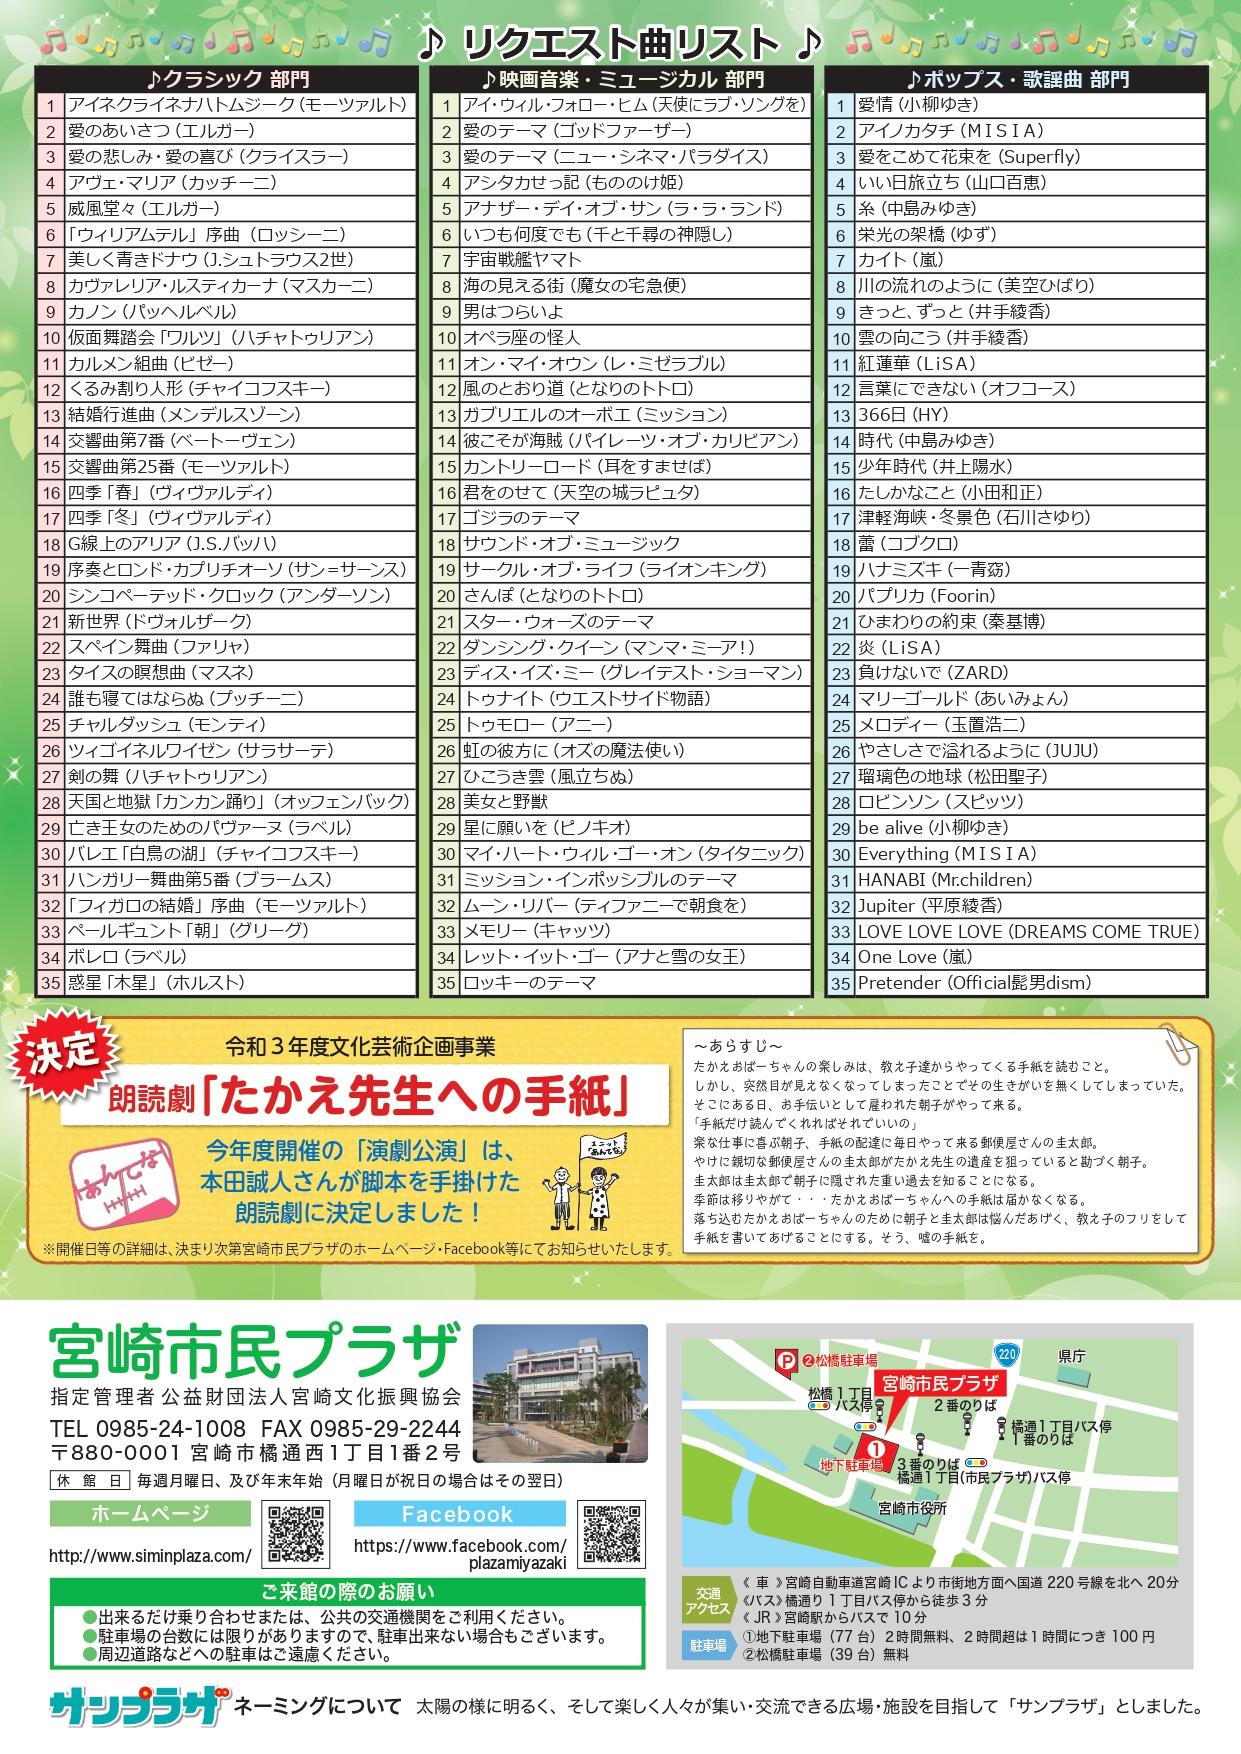 0420_サンプラザ5月号_校了-裏_page-0001